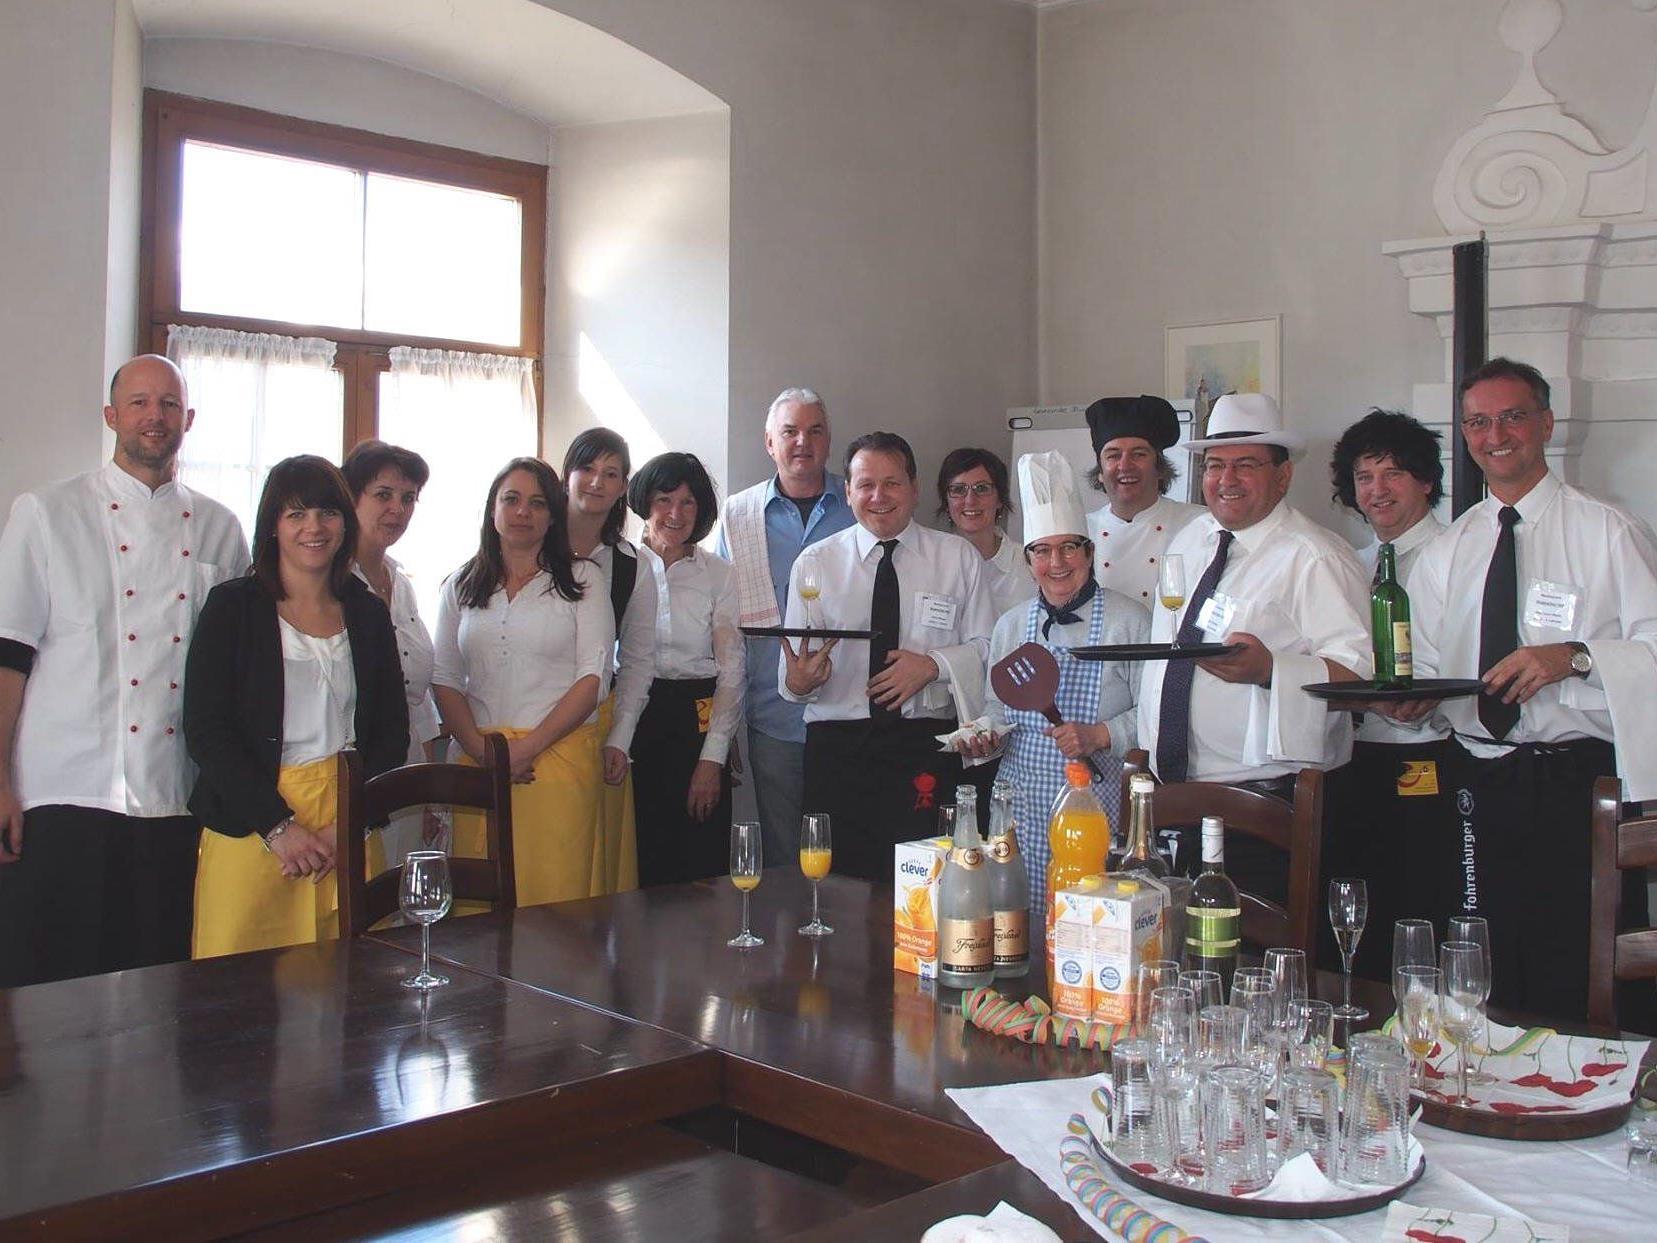 Belegschaft und Gäste des Bludescher Hofs